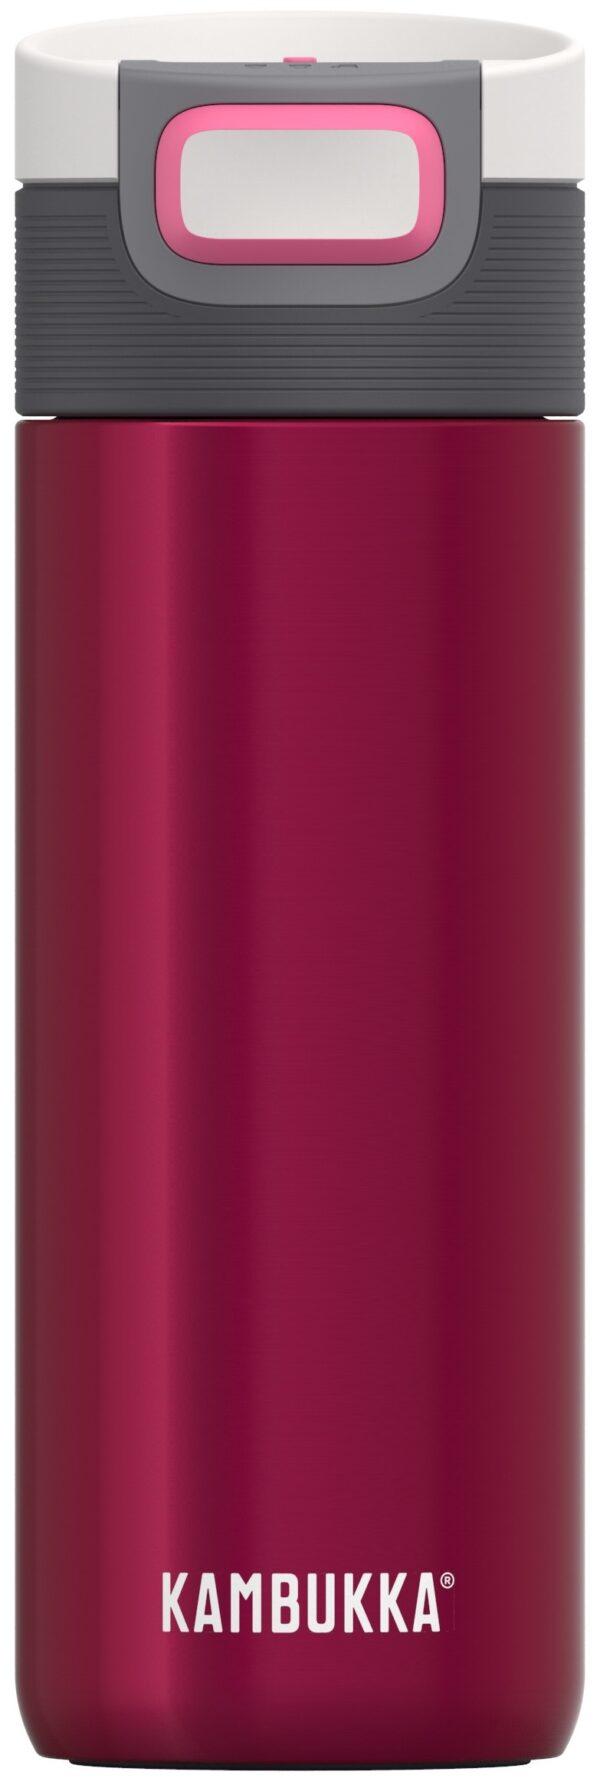 """בקבוק שתיה תרמי אדום 500 מ""""ל קמבוקה Kambukka Etna"""